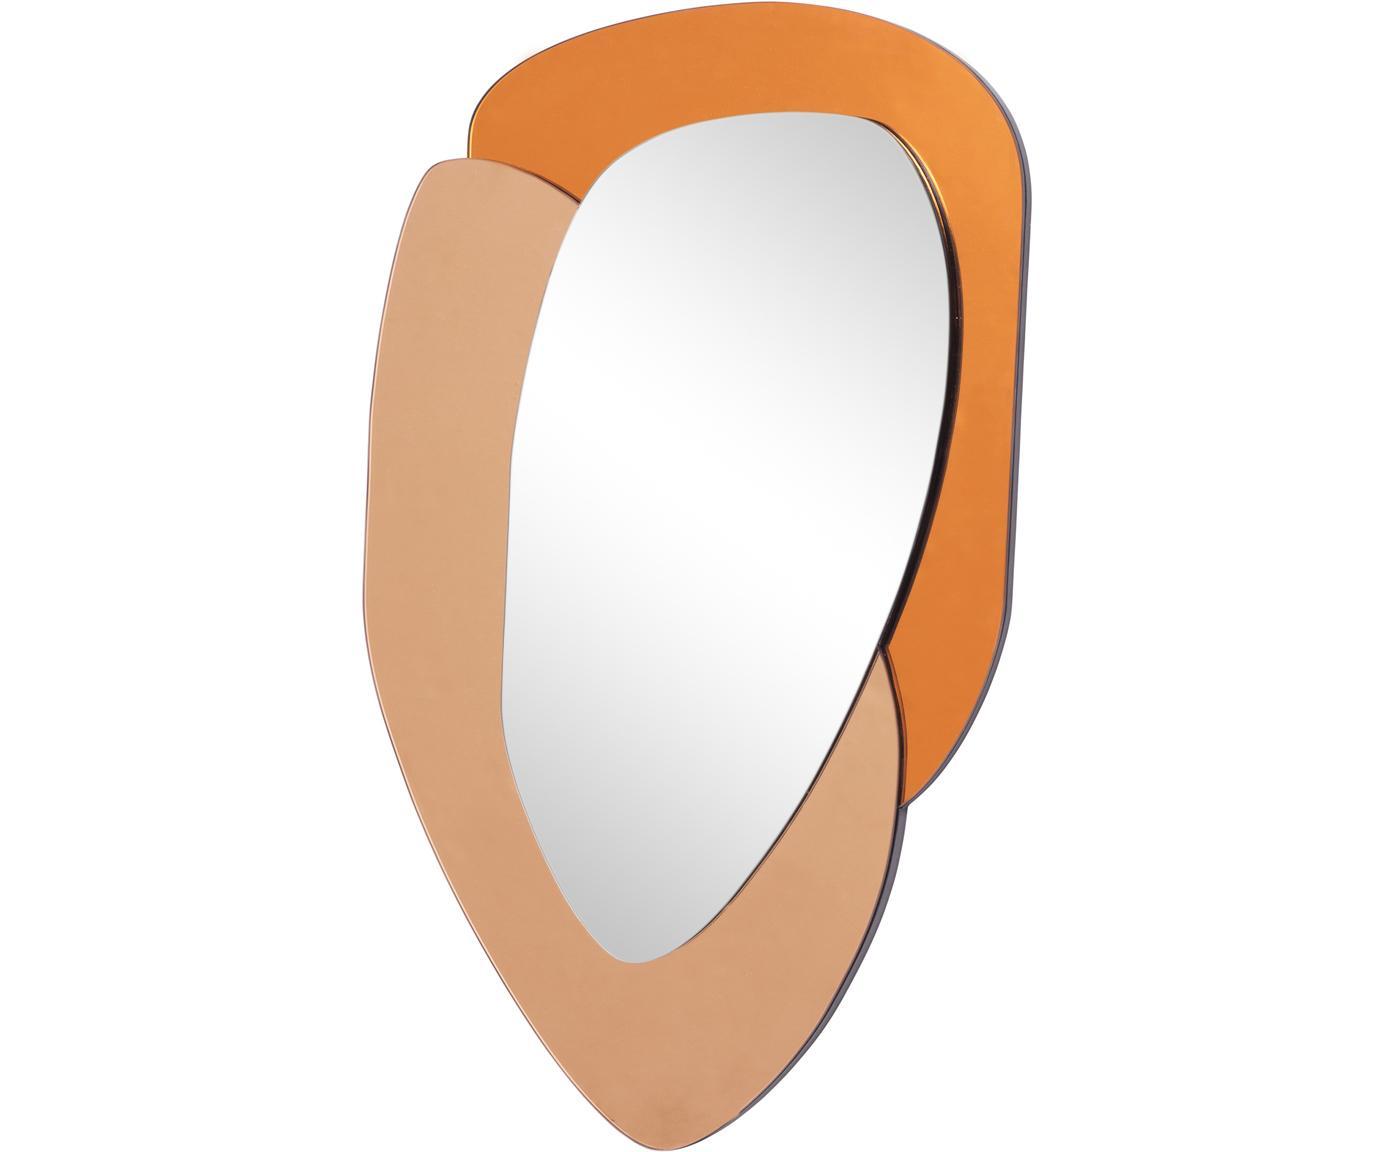 Specchio da parete Layer, Lastra di vetro, Arancione, marrone caramello, lastra di vetro, Larg. 48 x Alt. 76 cm